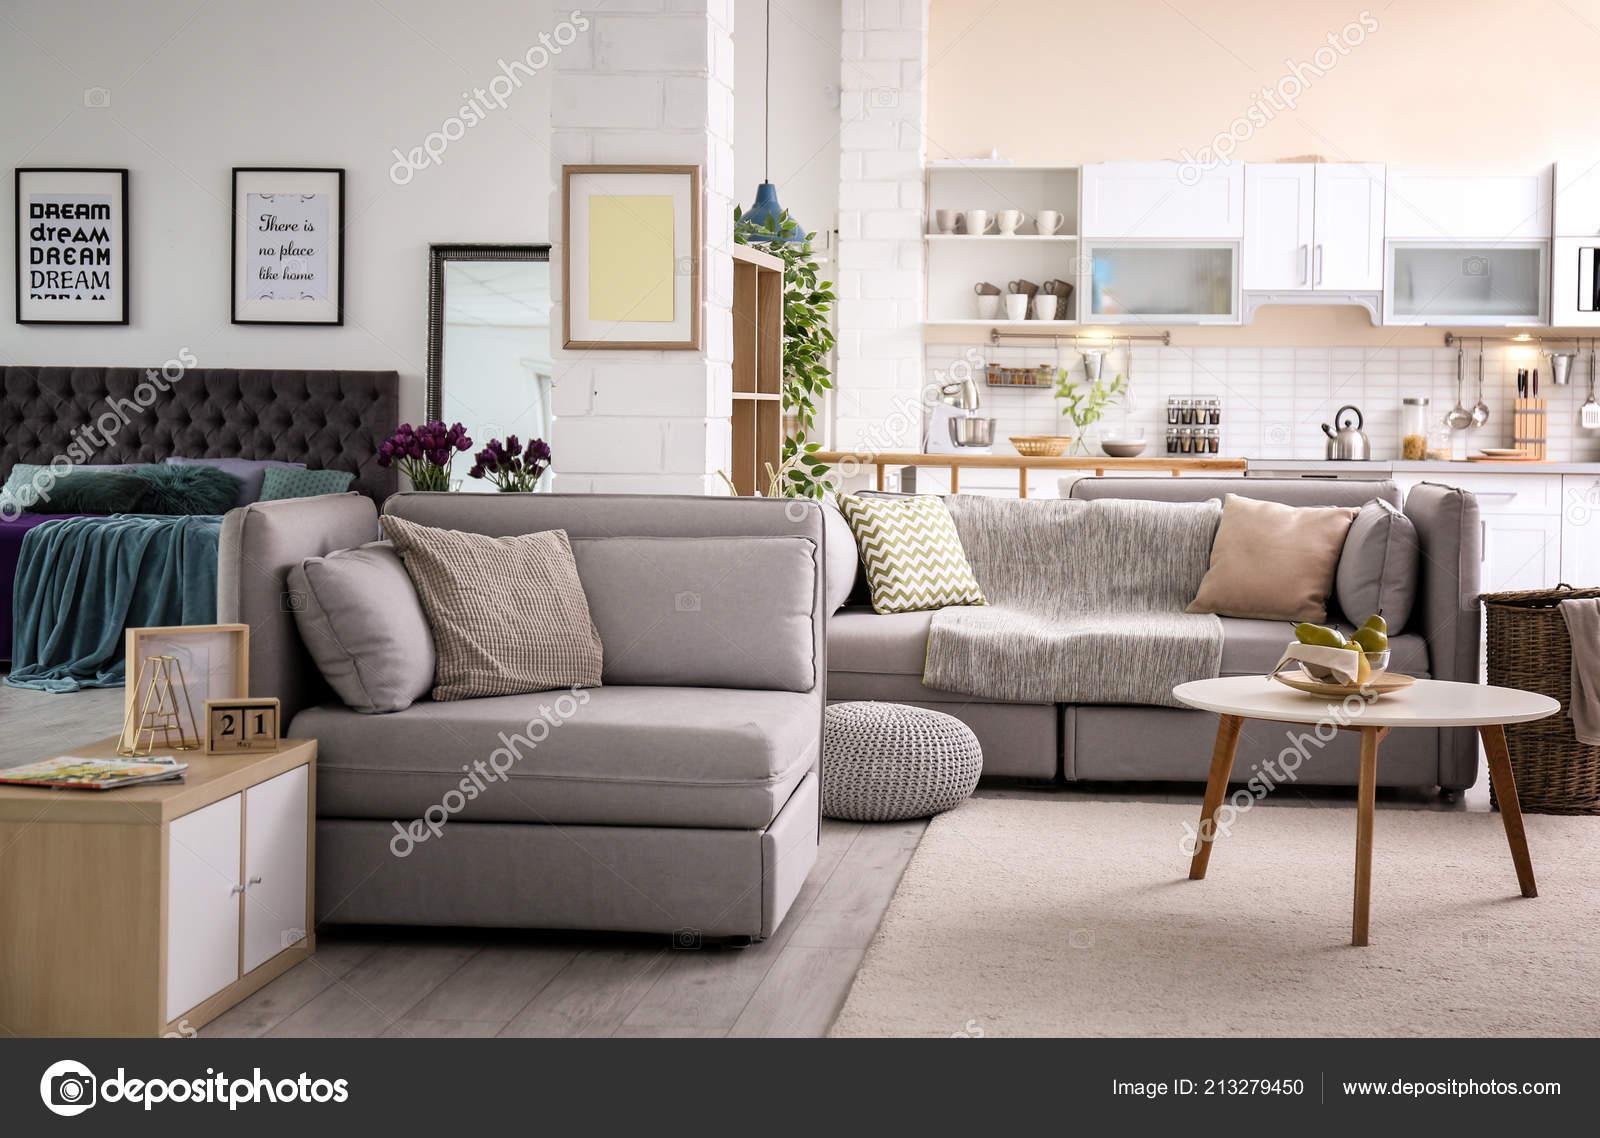 Stilvolles Apartment Interieur Mit Modernen Küche Idee Für ...